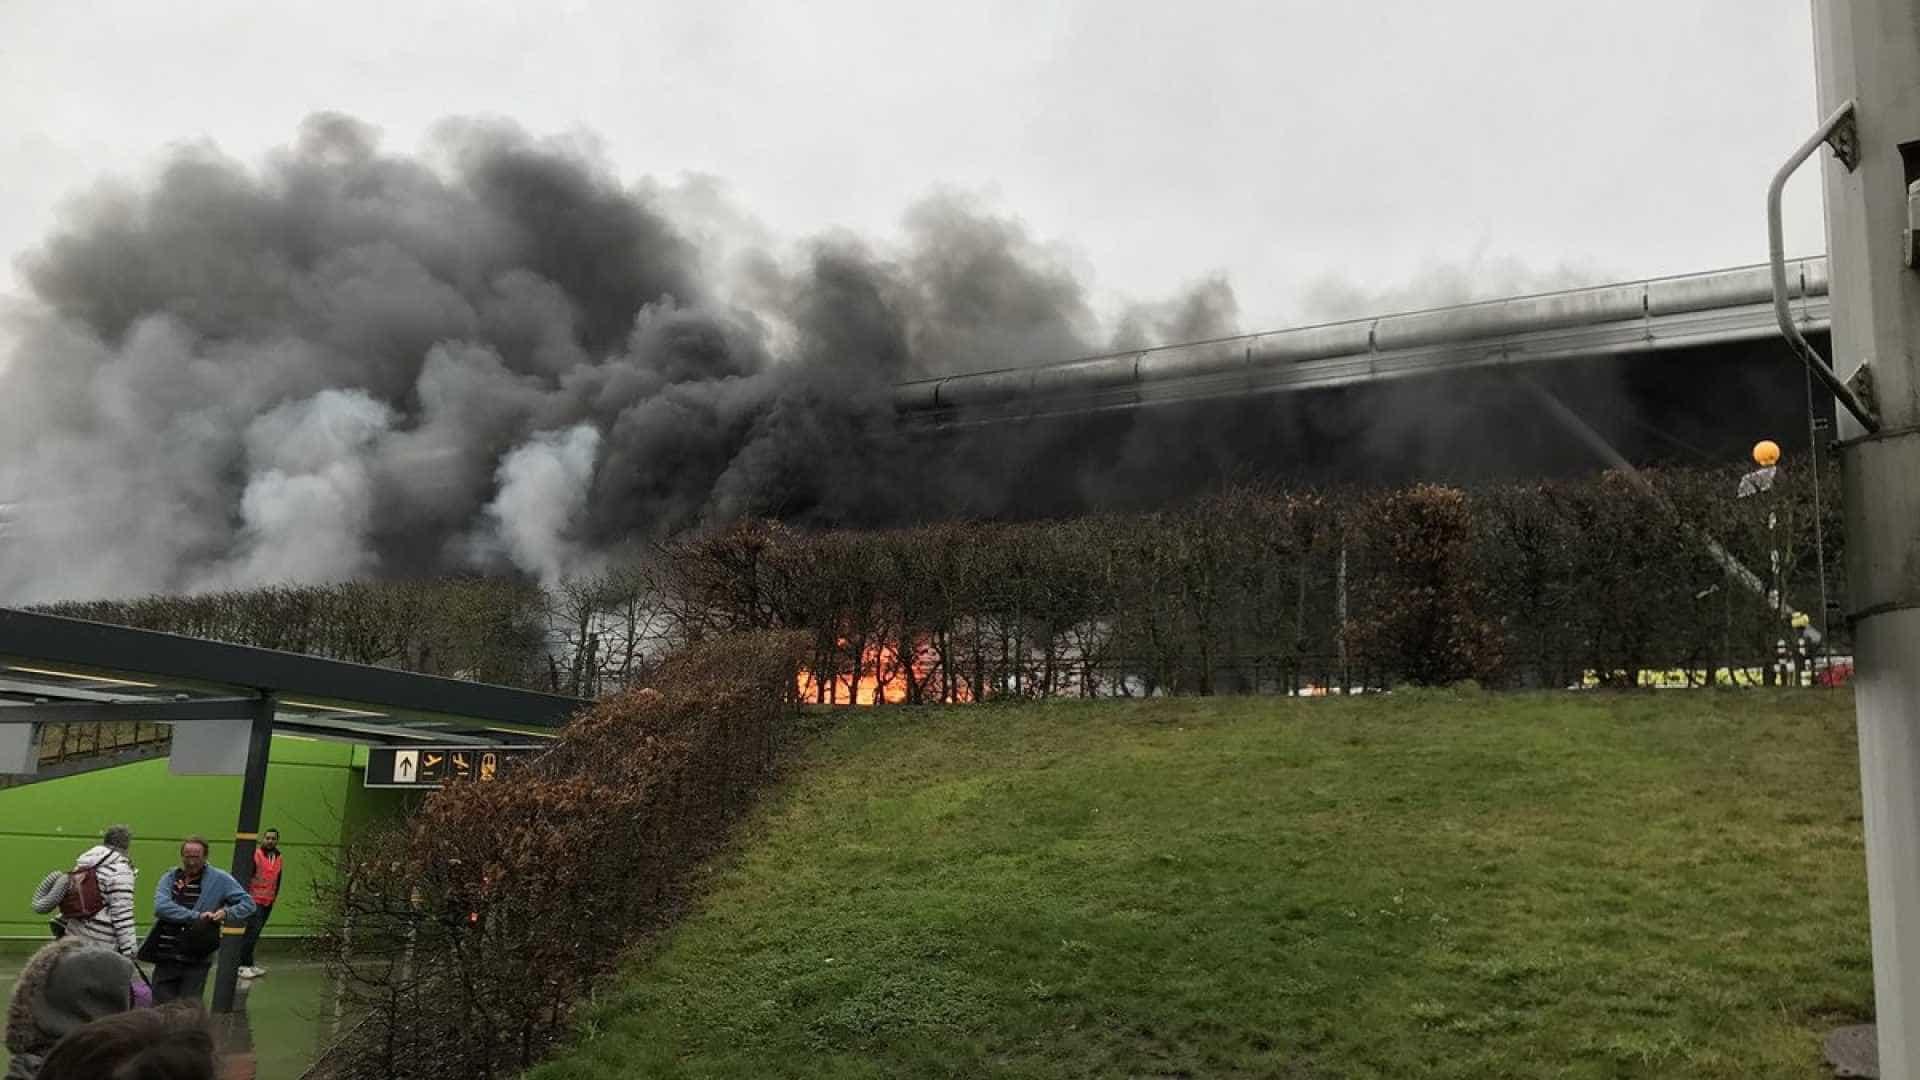 Londres: aeroporto de Stansted é evacuado após incêndio